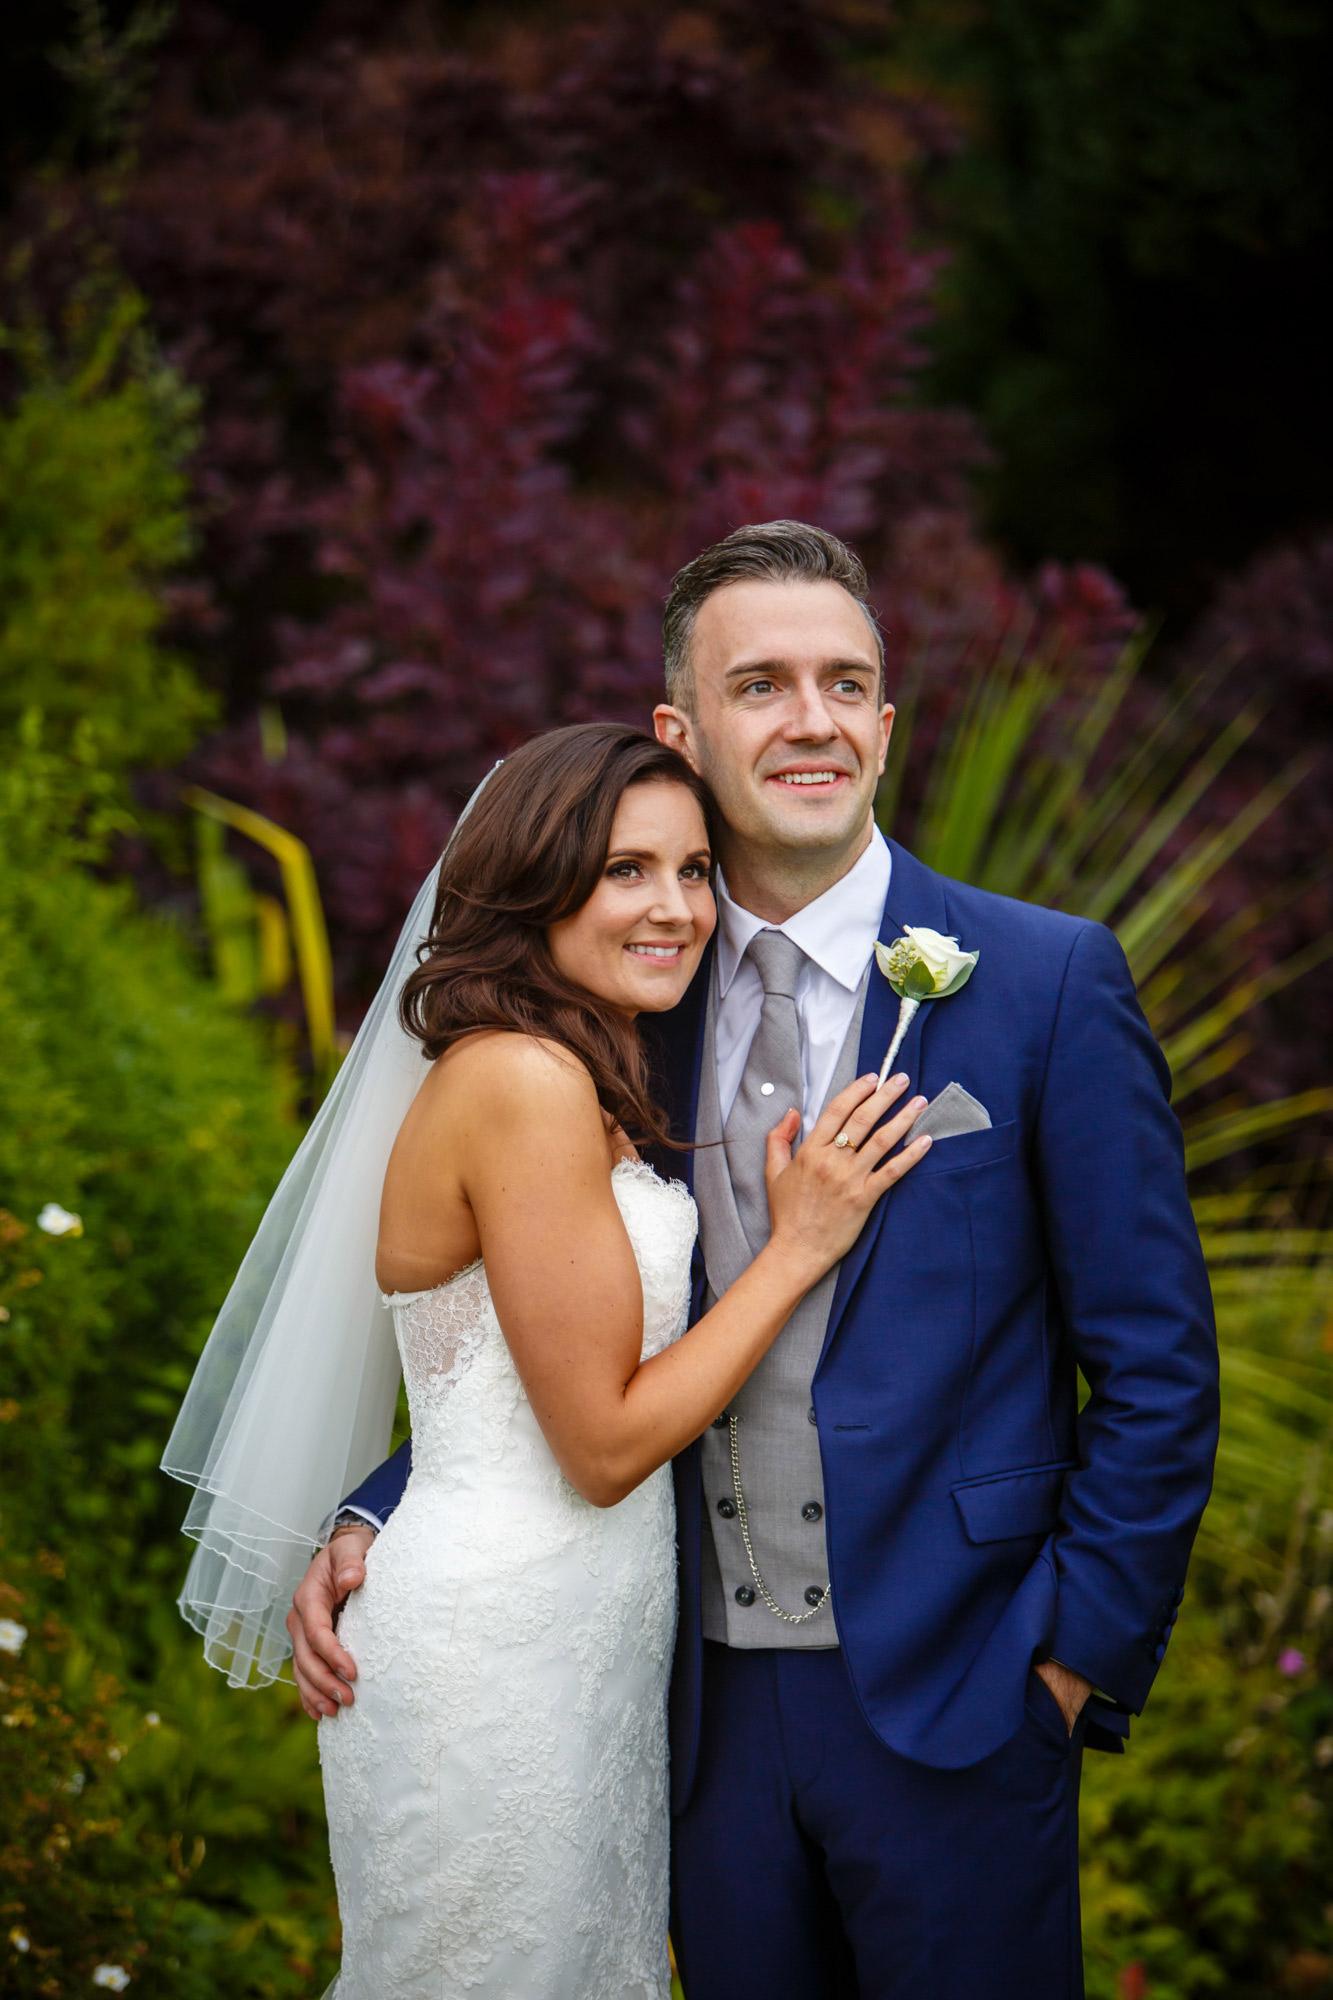 Morgan hale wedding